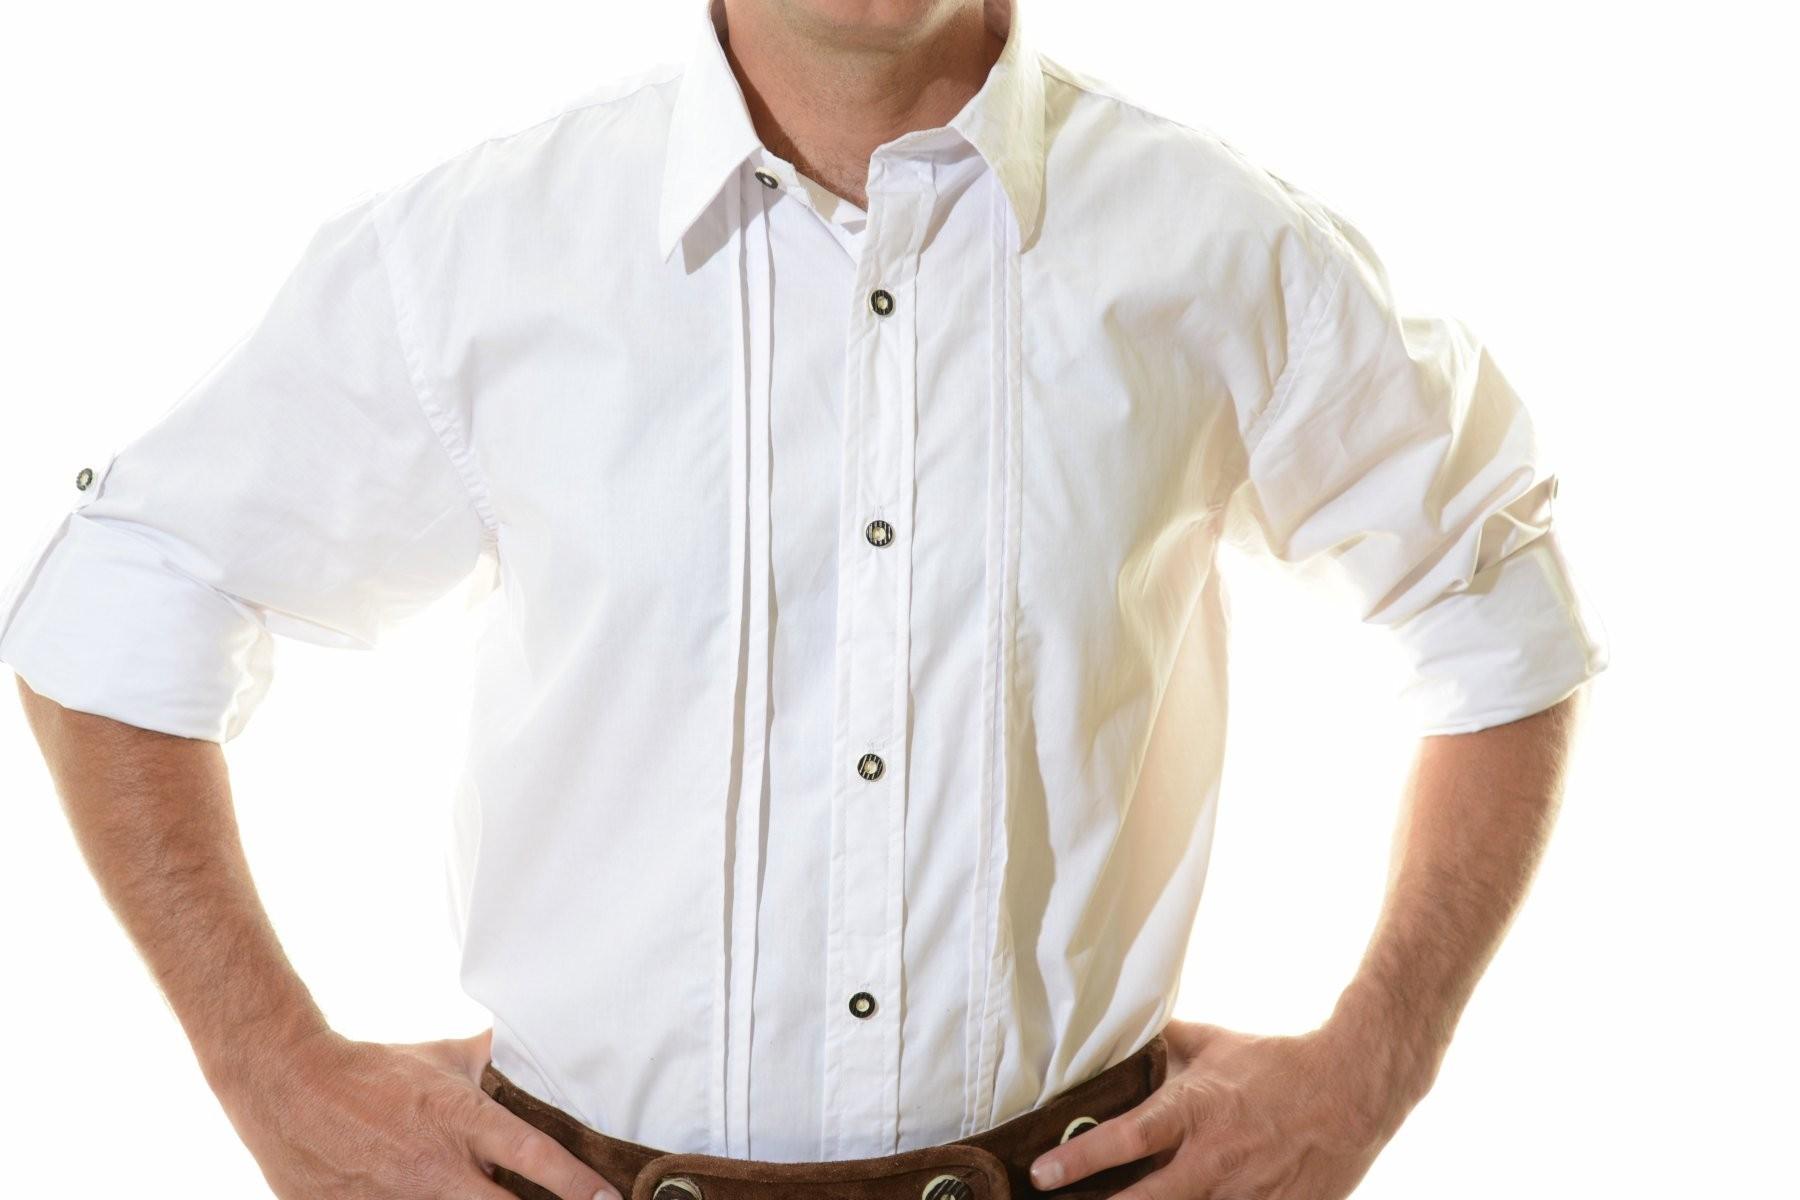 Lederhosen Shirt White Bavarian Costume Tracht Shirt